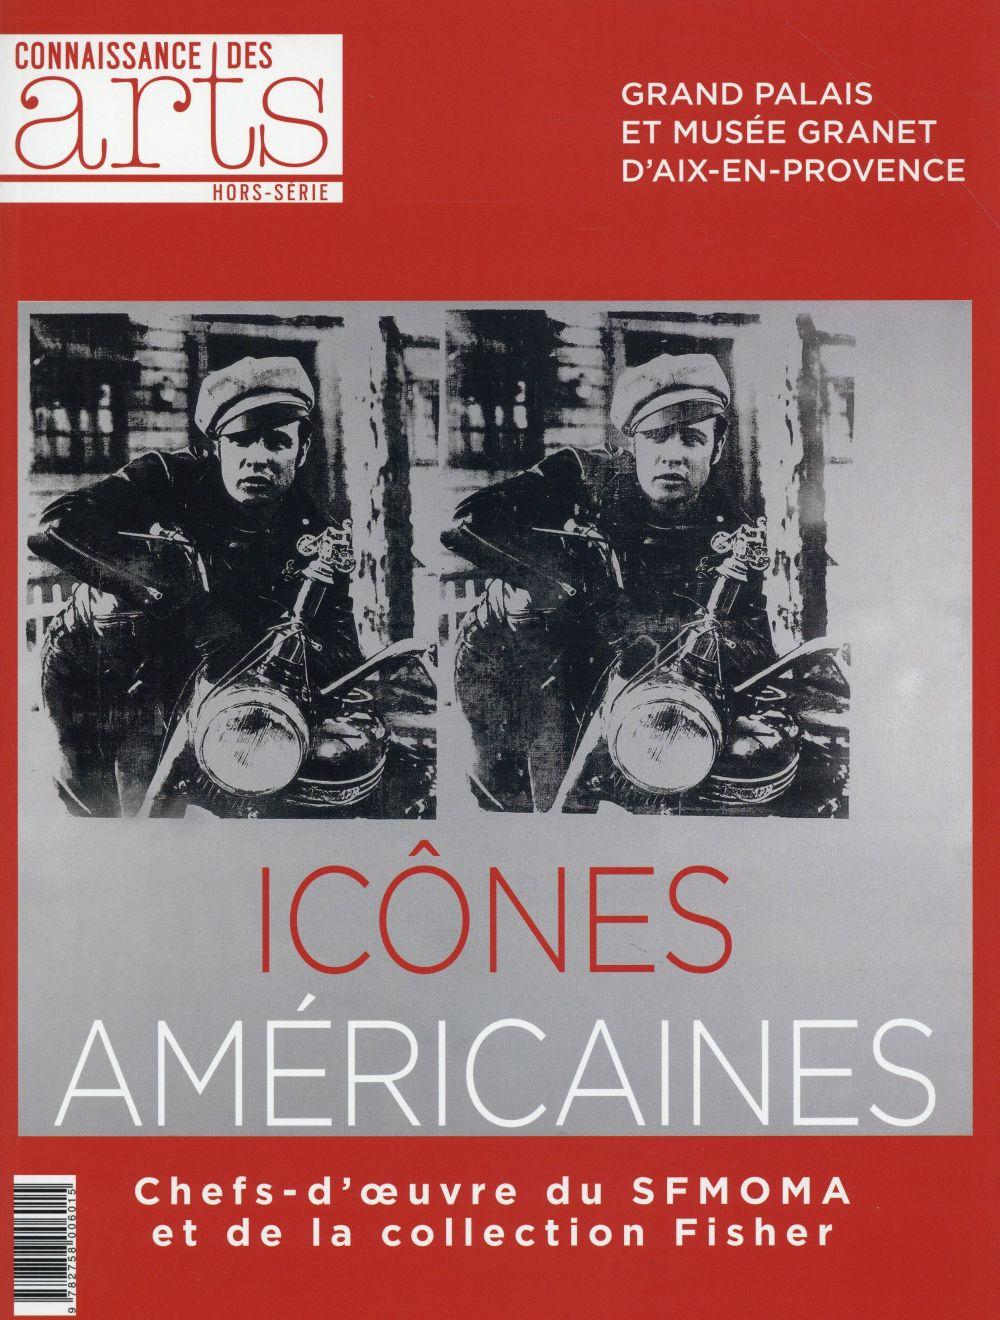 ICONES AMERICAINES